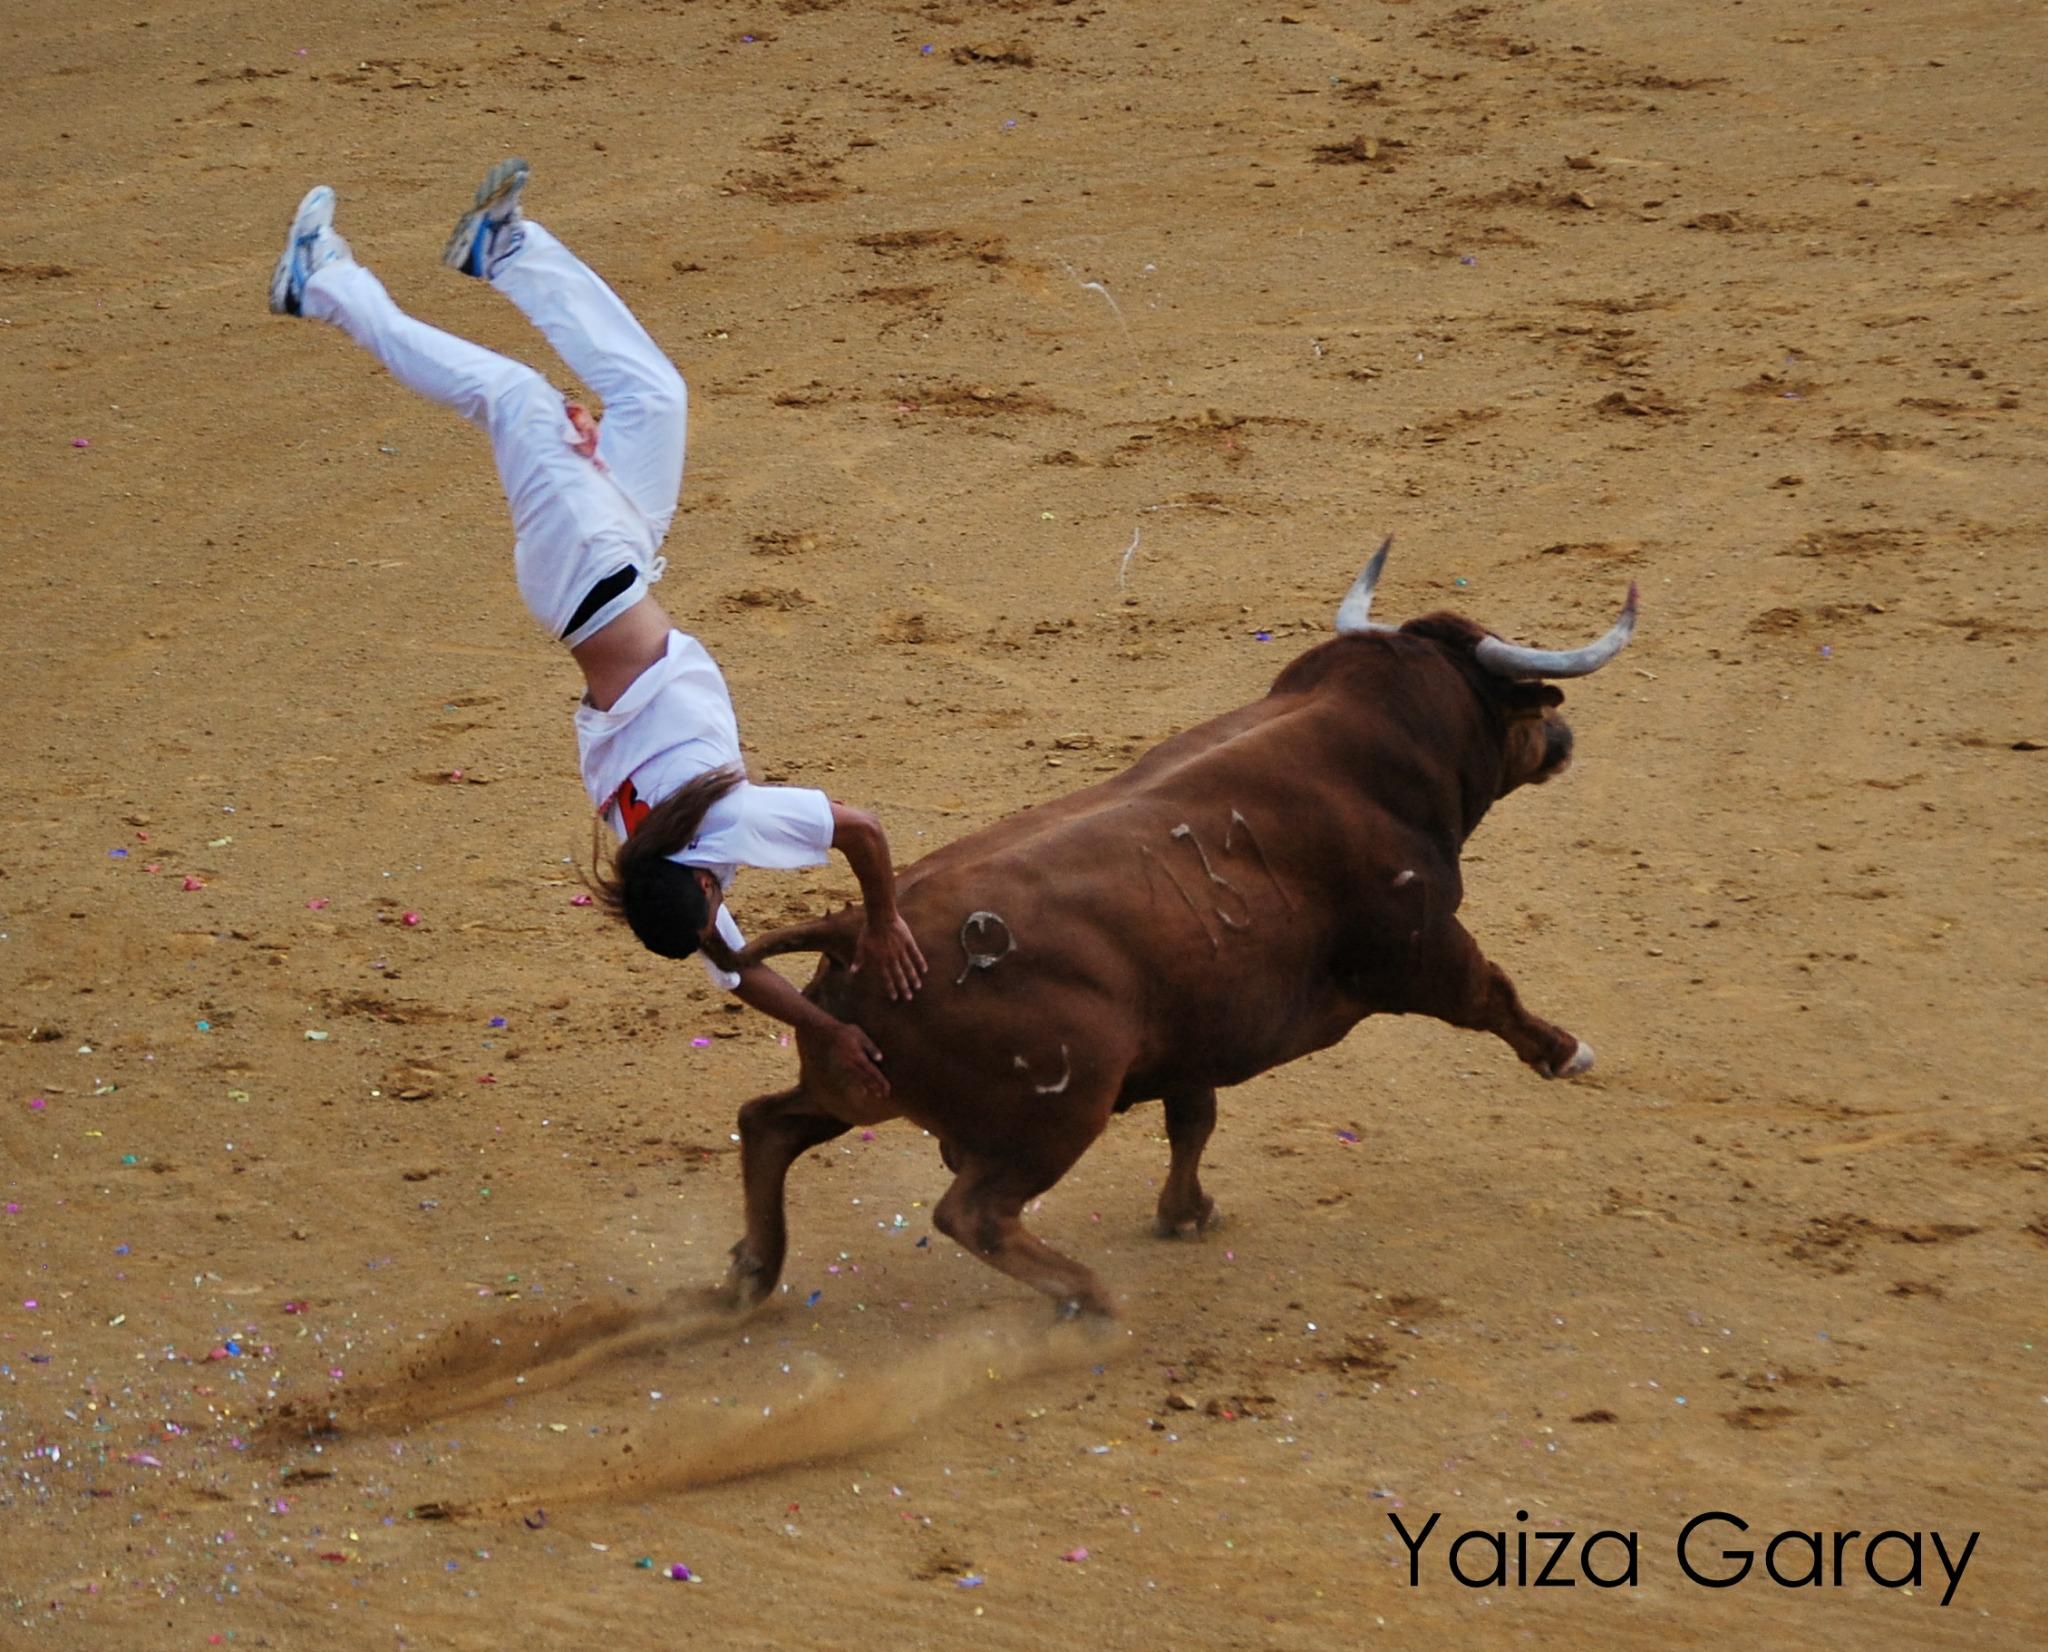 Momento de la cogida Cristian Parra ' Cristiano ' Recupera te pronto campeón! http://t.co/WIoQNoPR